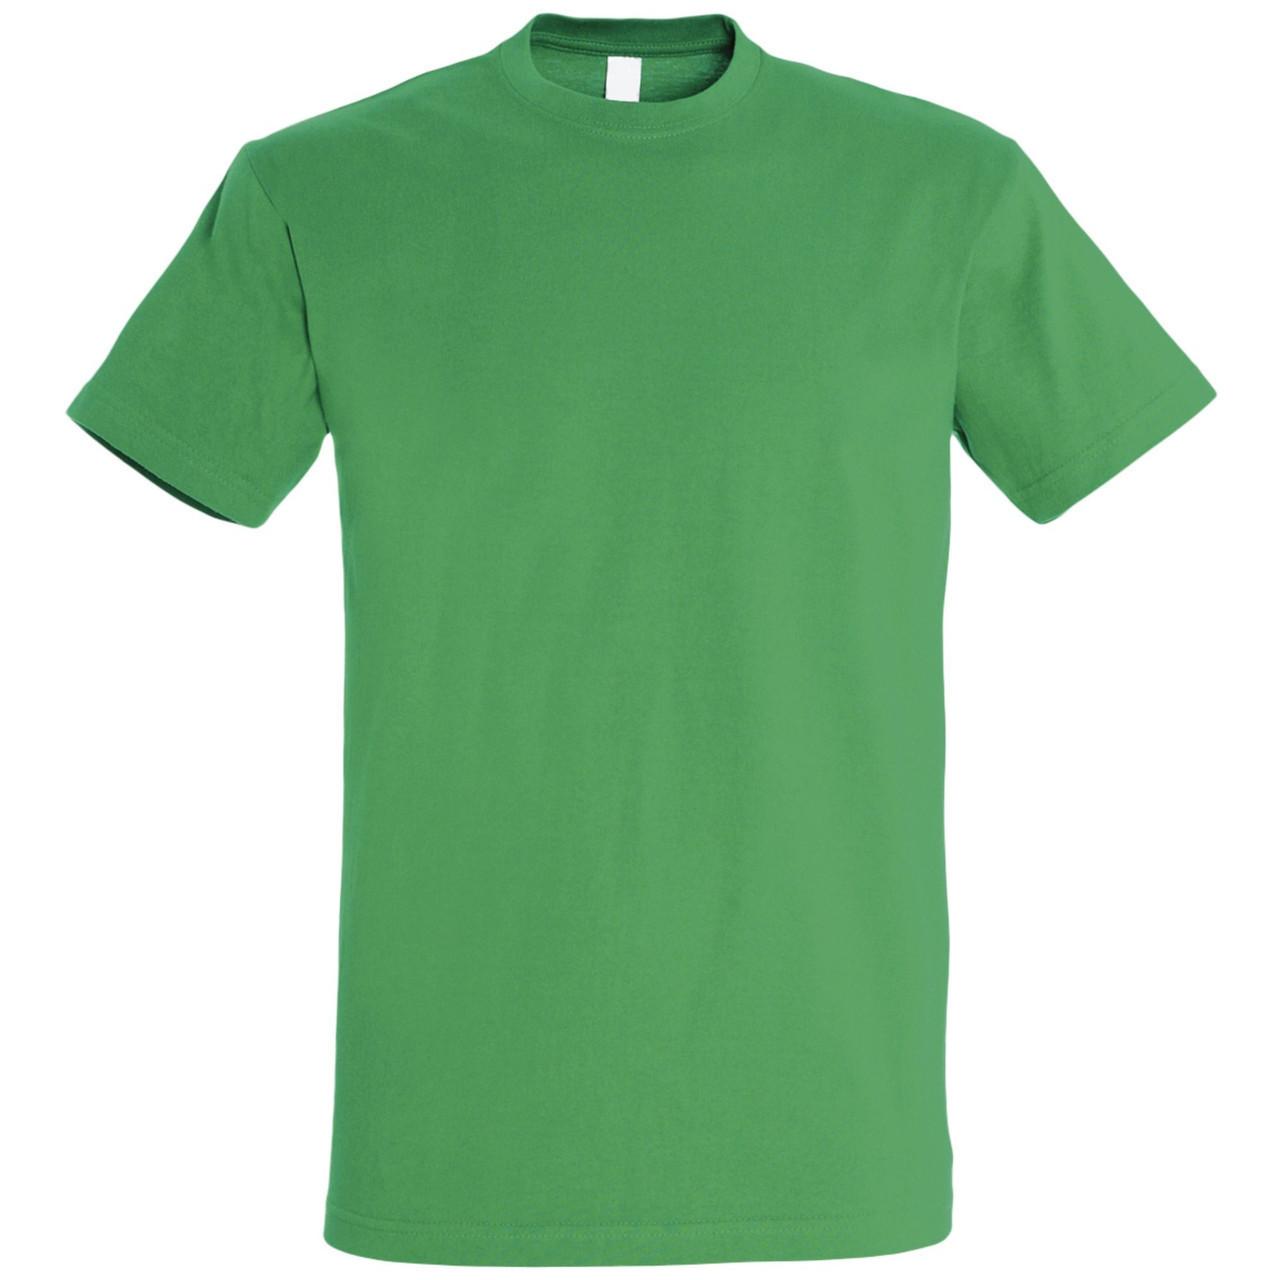 Oднотонная футболка | Зеленая | 160 гр. | XL